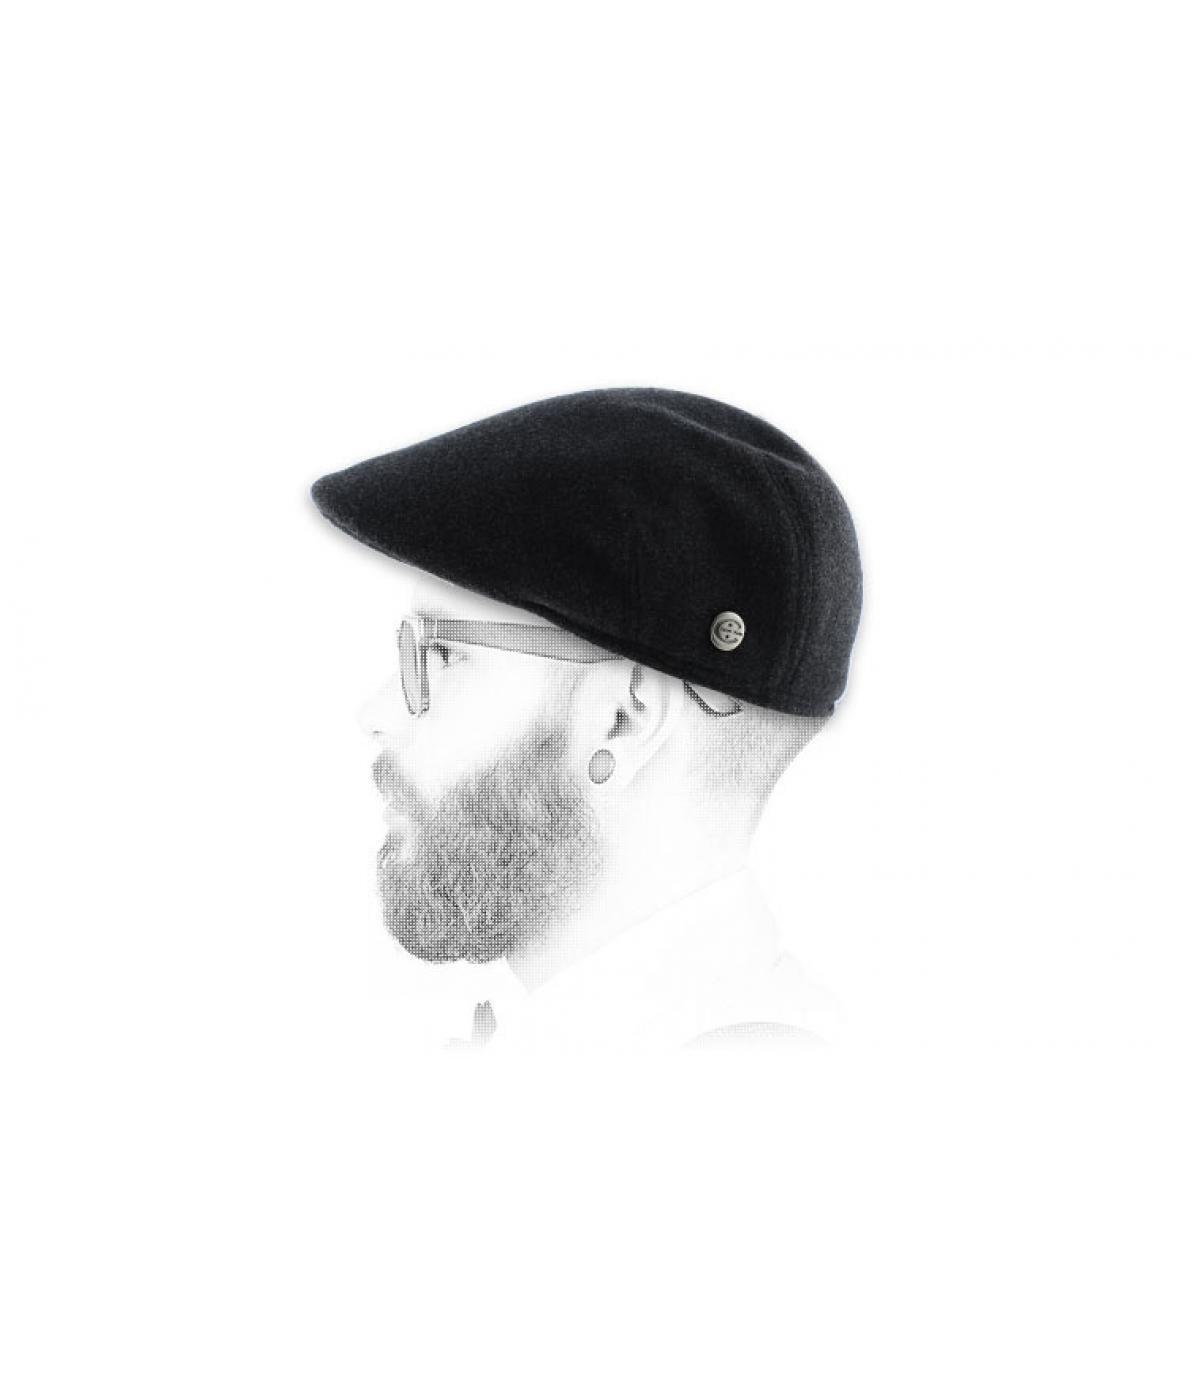 Grigio earflap berretto piatto